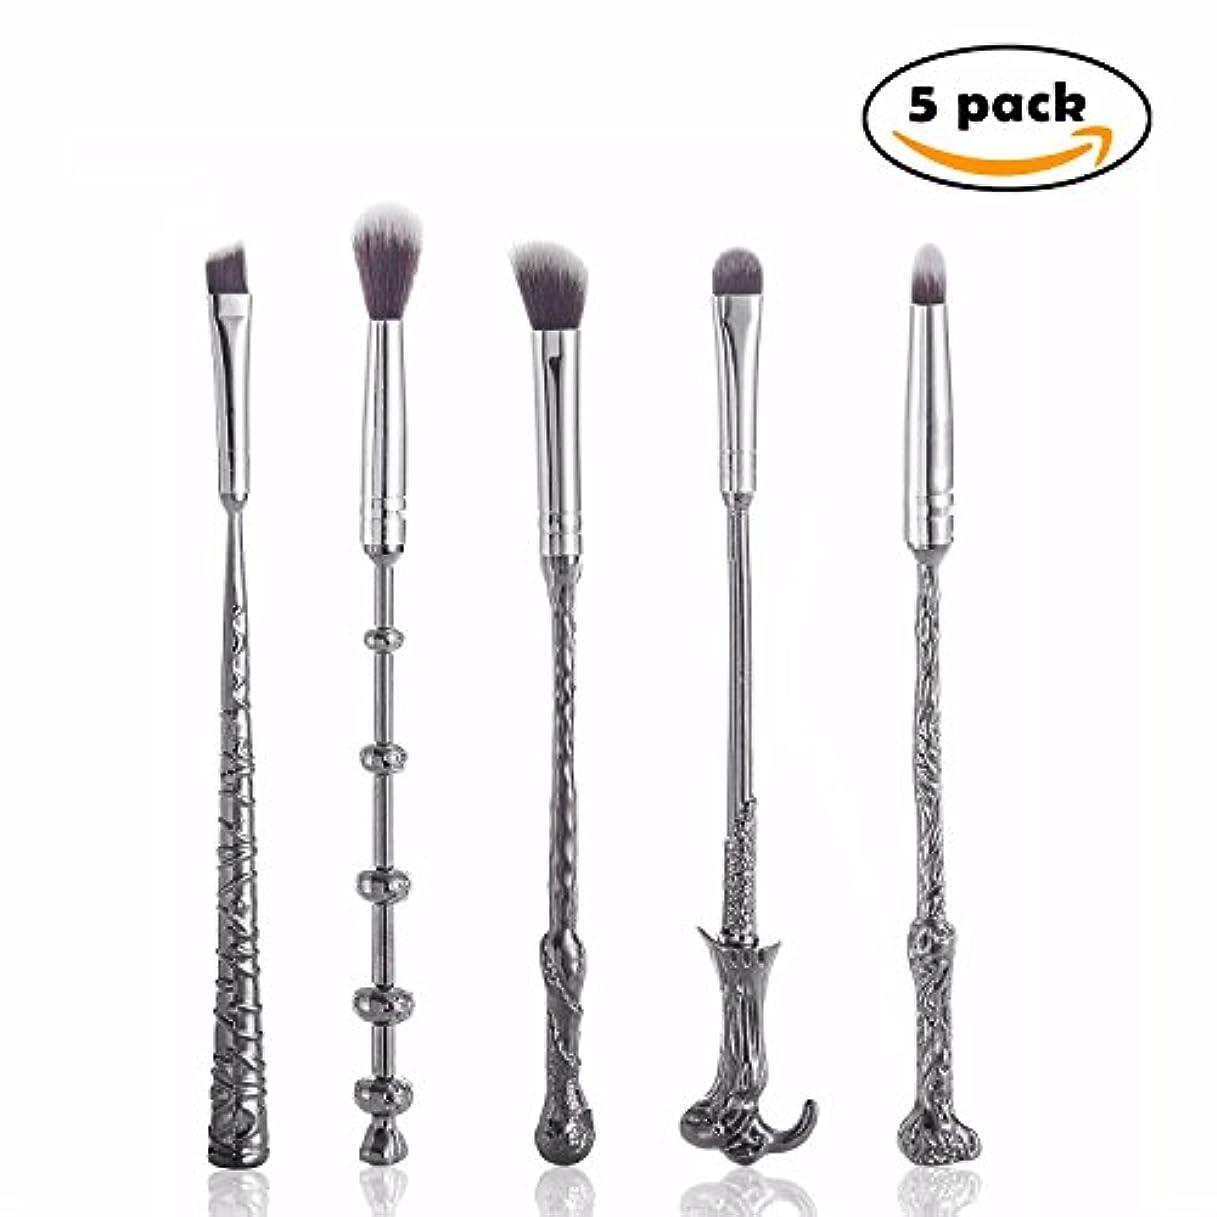 前置詞世界記録のギネスブック明らかYartar メイクアップブラシ 魔法の杖の形  金属製ハンドル 柔らかい筆先 5本セット 携帯ポーチ付き Harry Potter Makeup Brushes